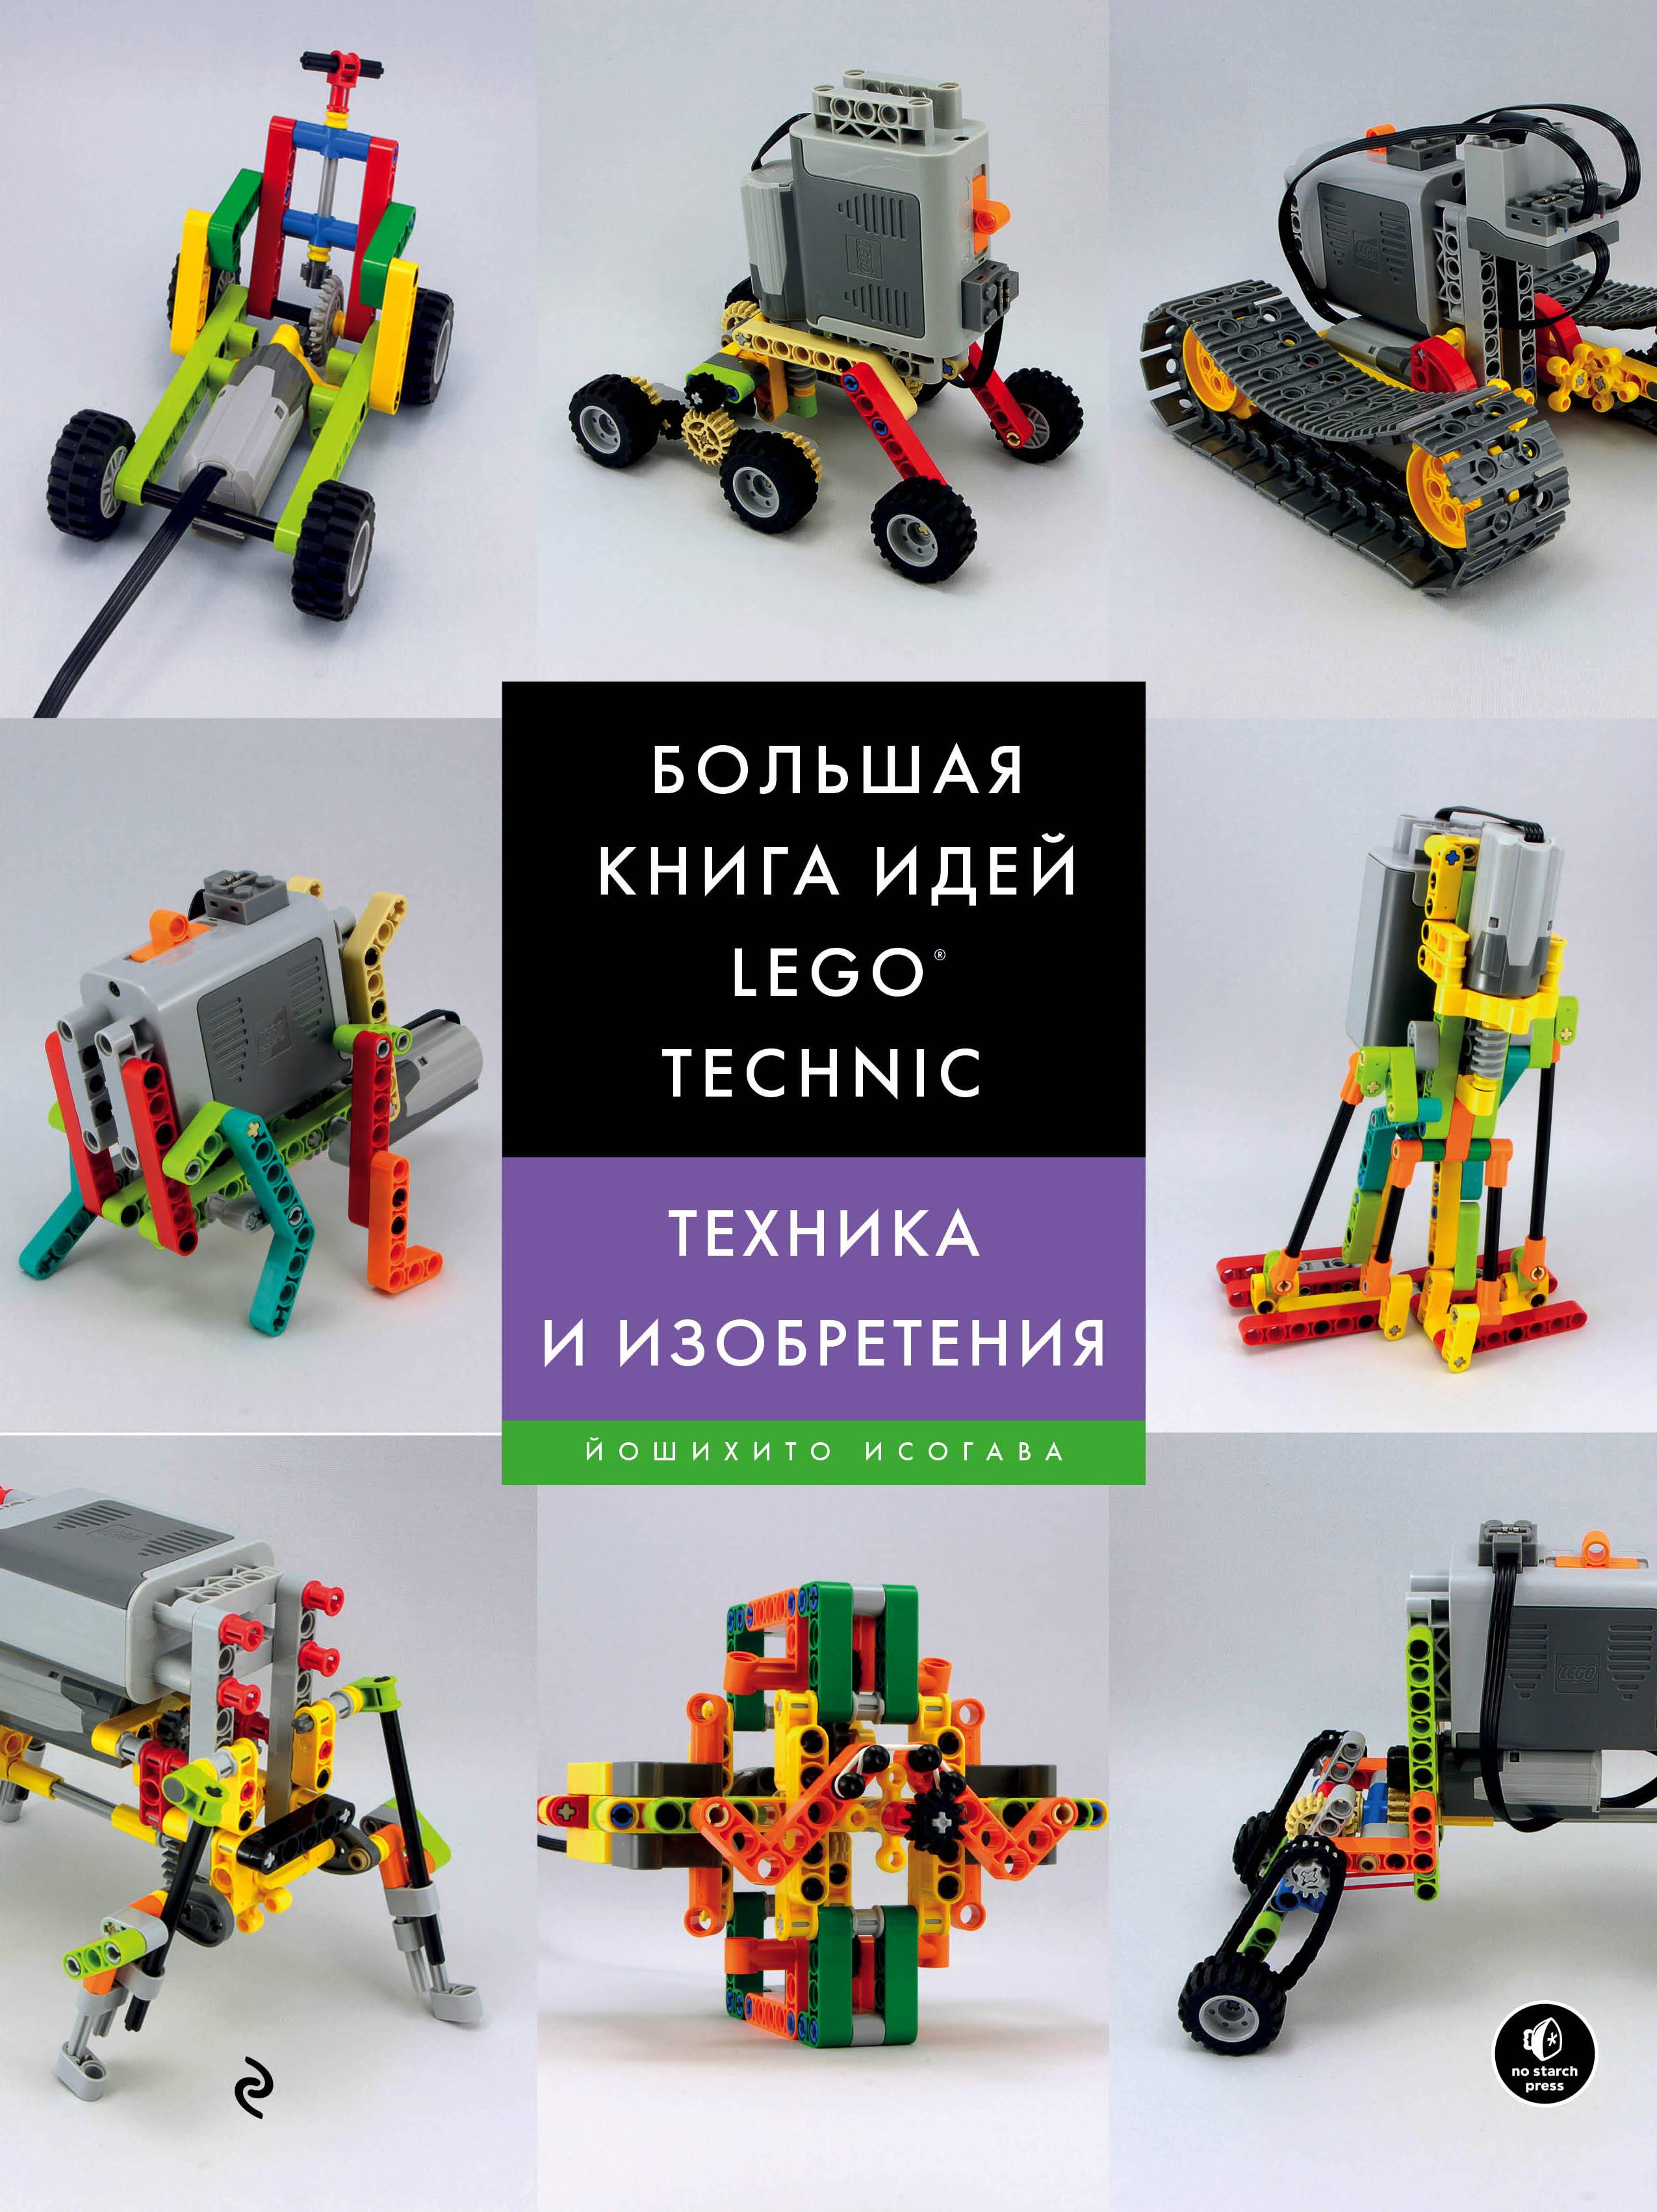 Йошихито Исогава Большая книга идей LEGO Technic. Техника и изобретения дэниел липковиц lego книга игр оживи свои модели